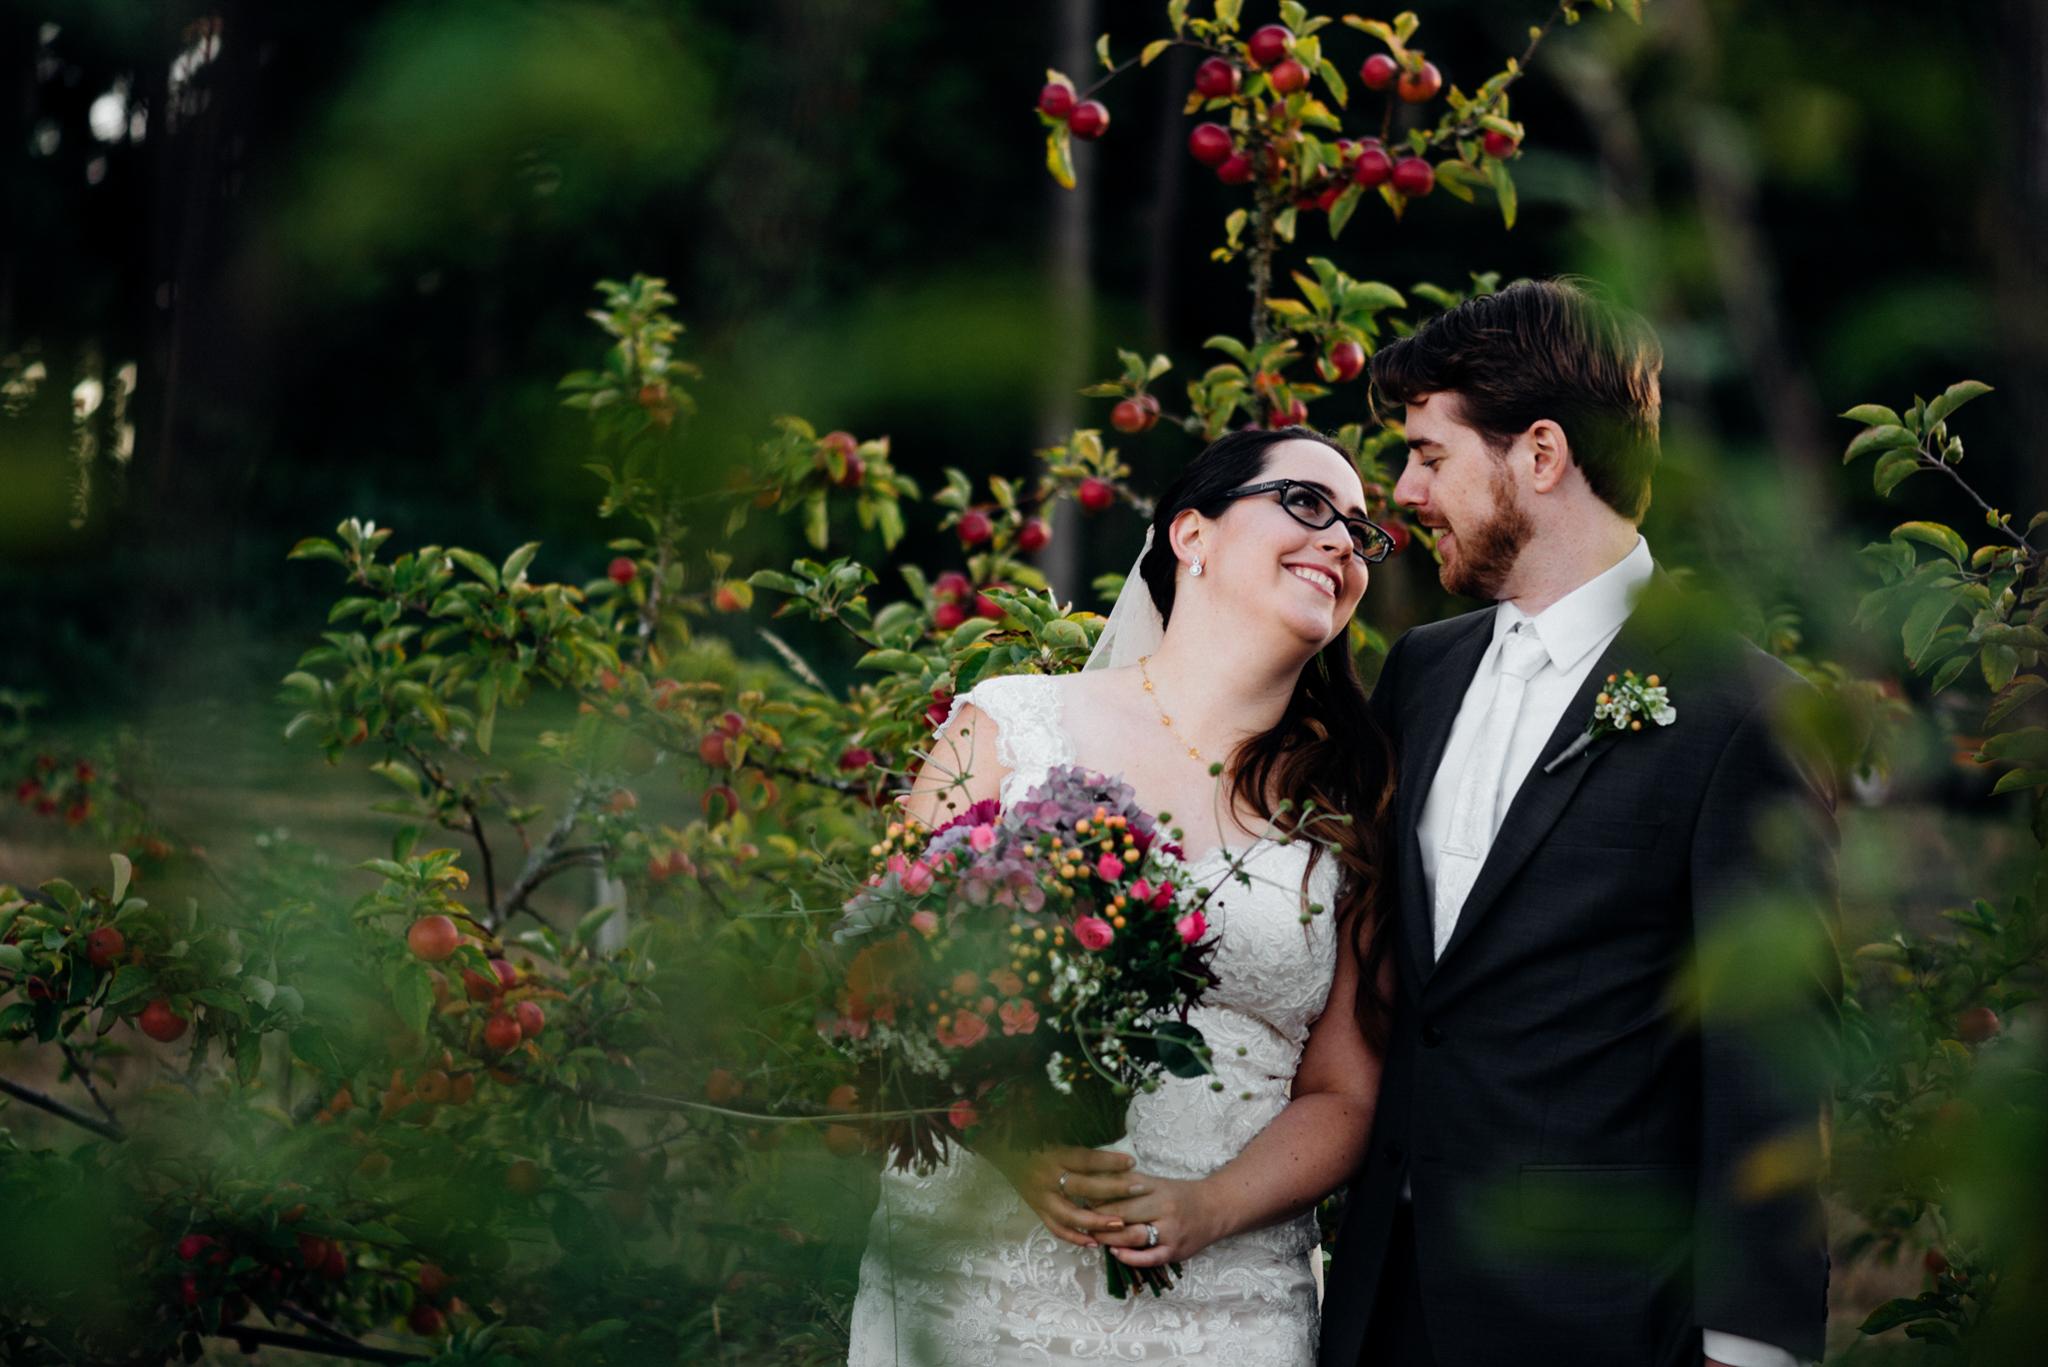 Nicola_Reiersen_Photography_Sea_Cider_Forest_Wedding (103).jpg